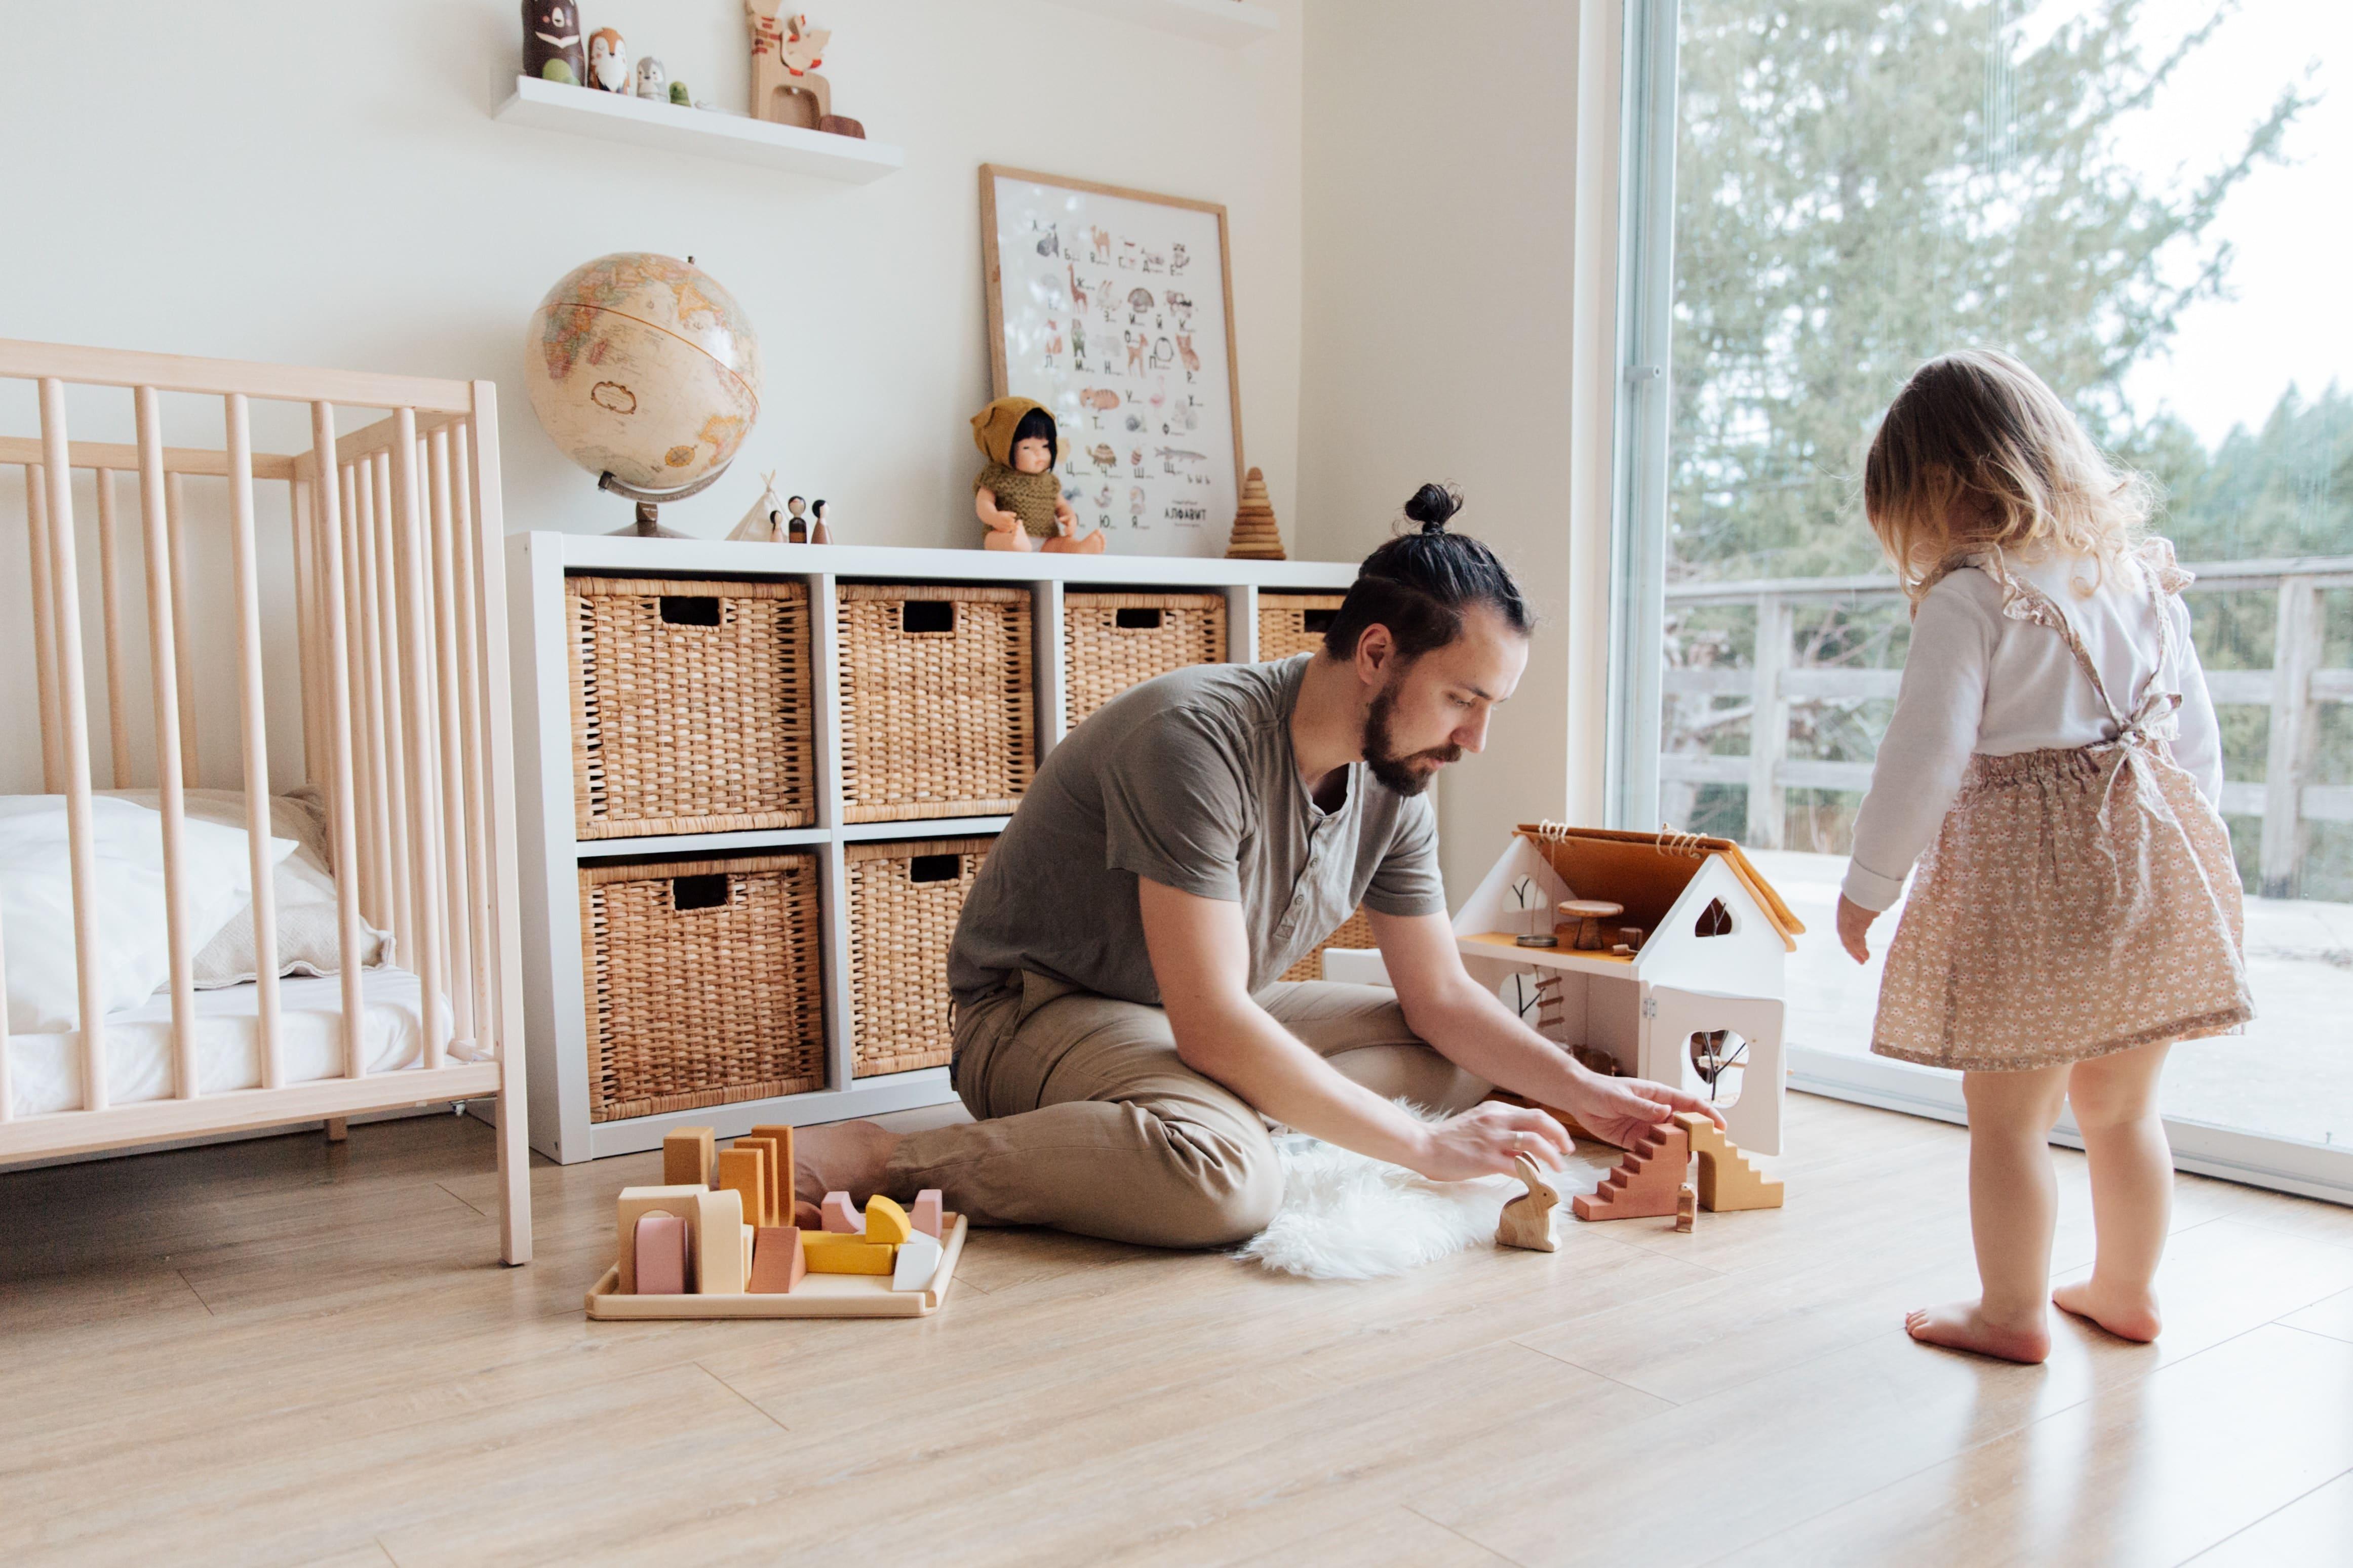 Comment parler de sécurité avec son enfant?